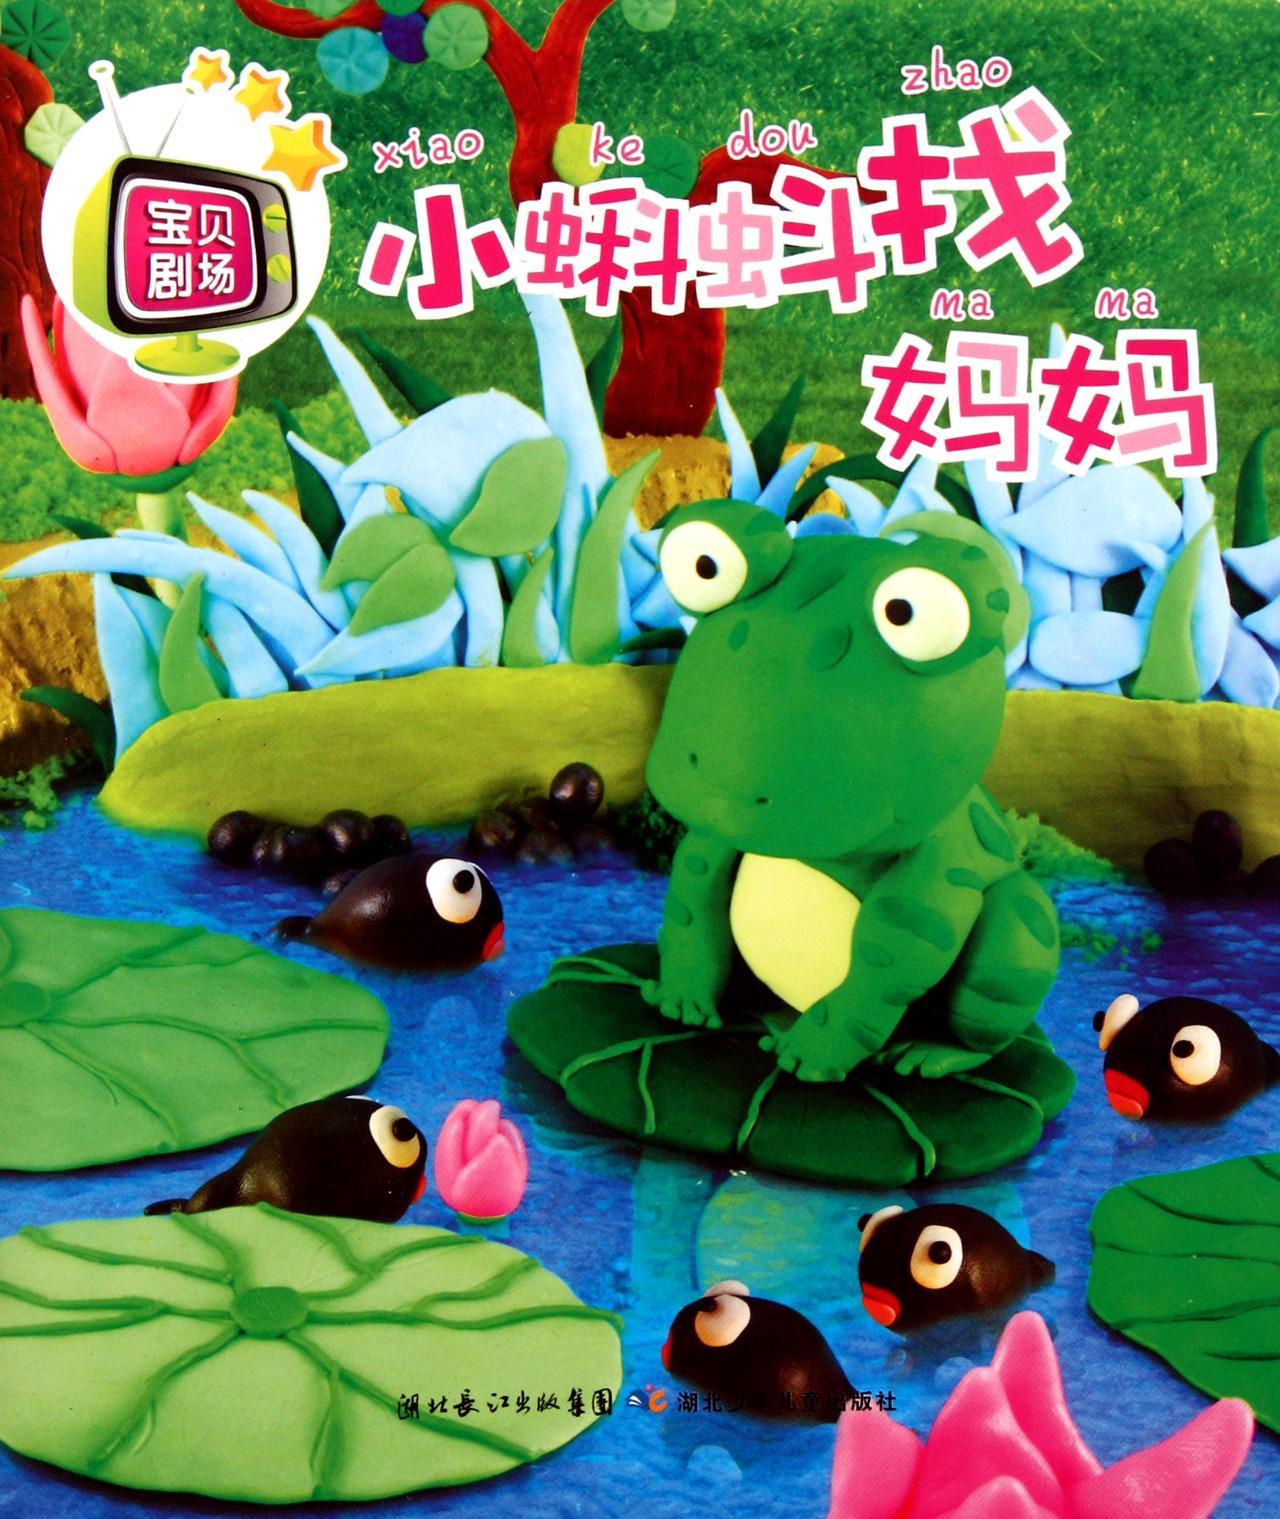 蝌蚪简笔画彩色